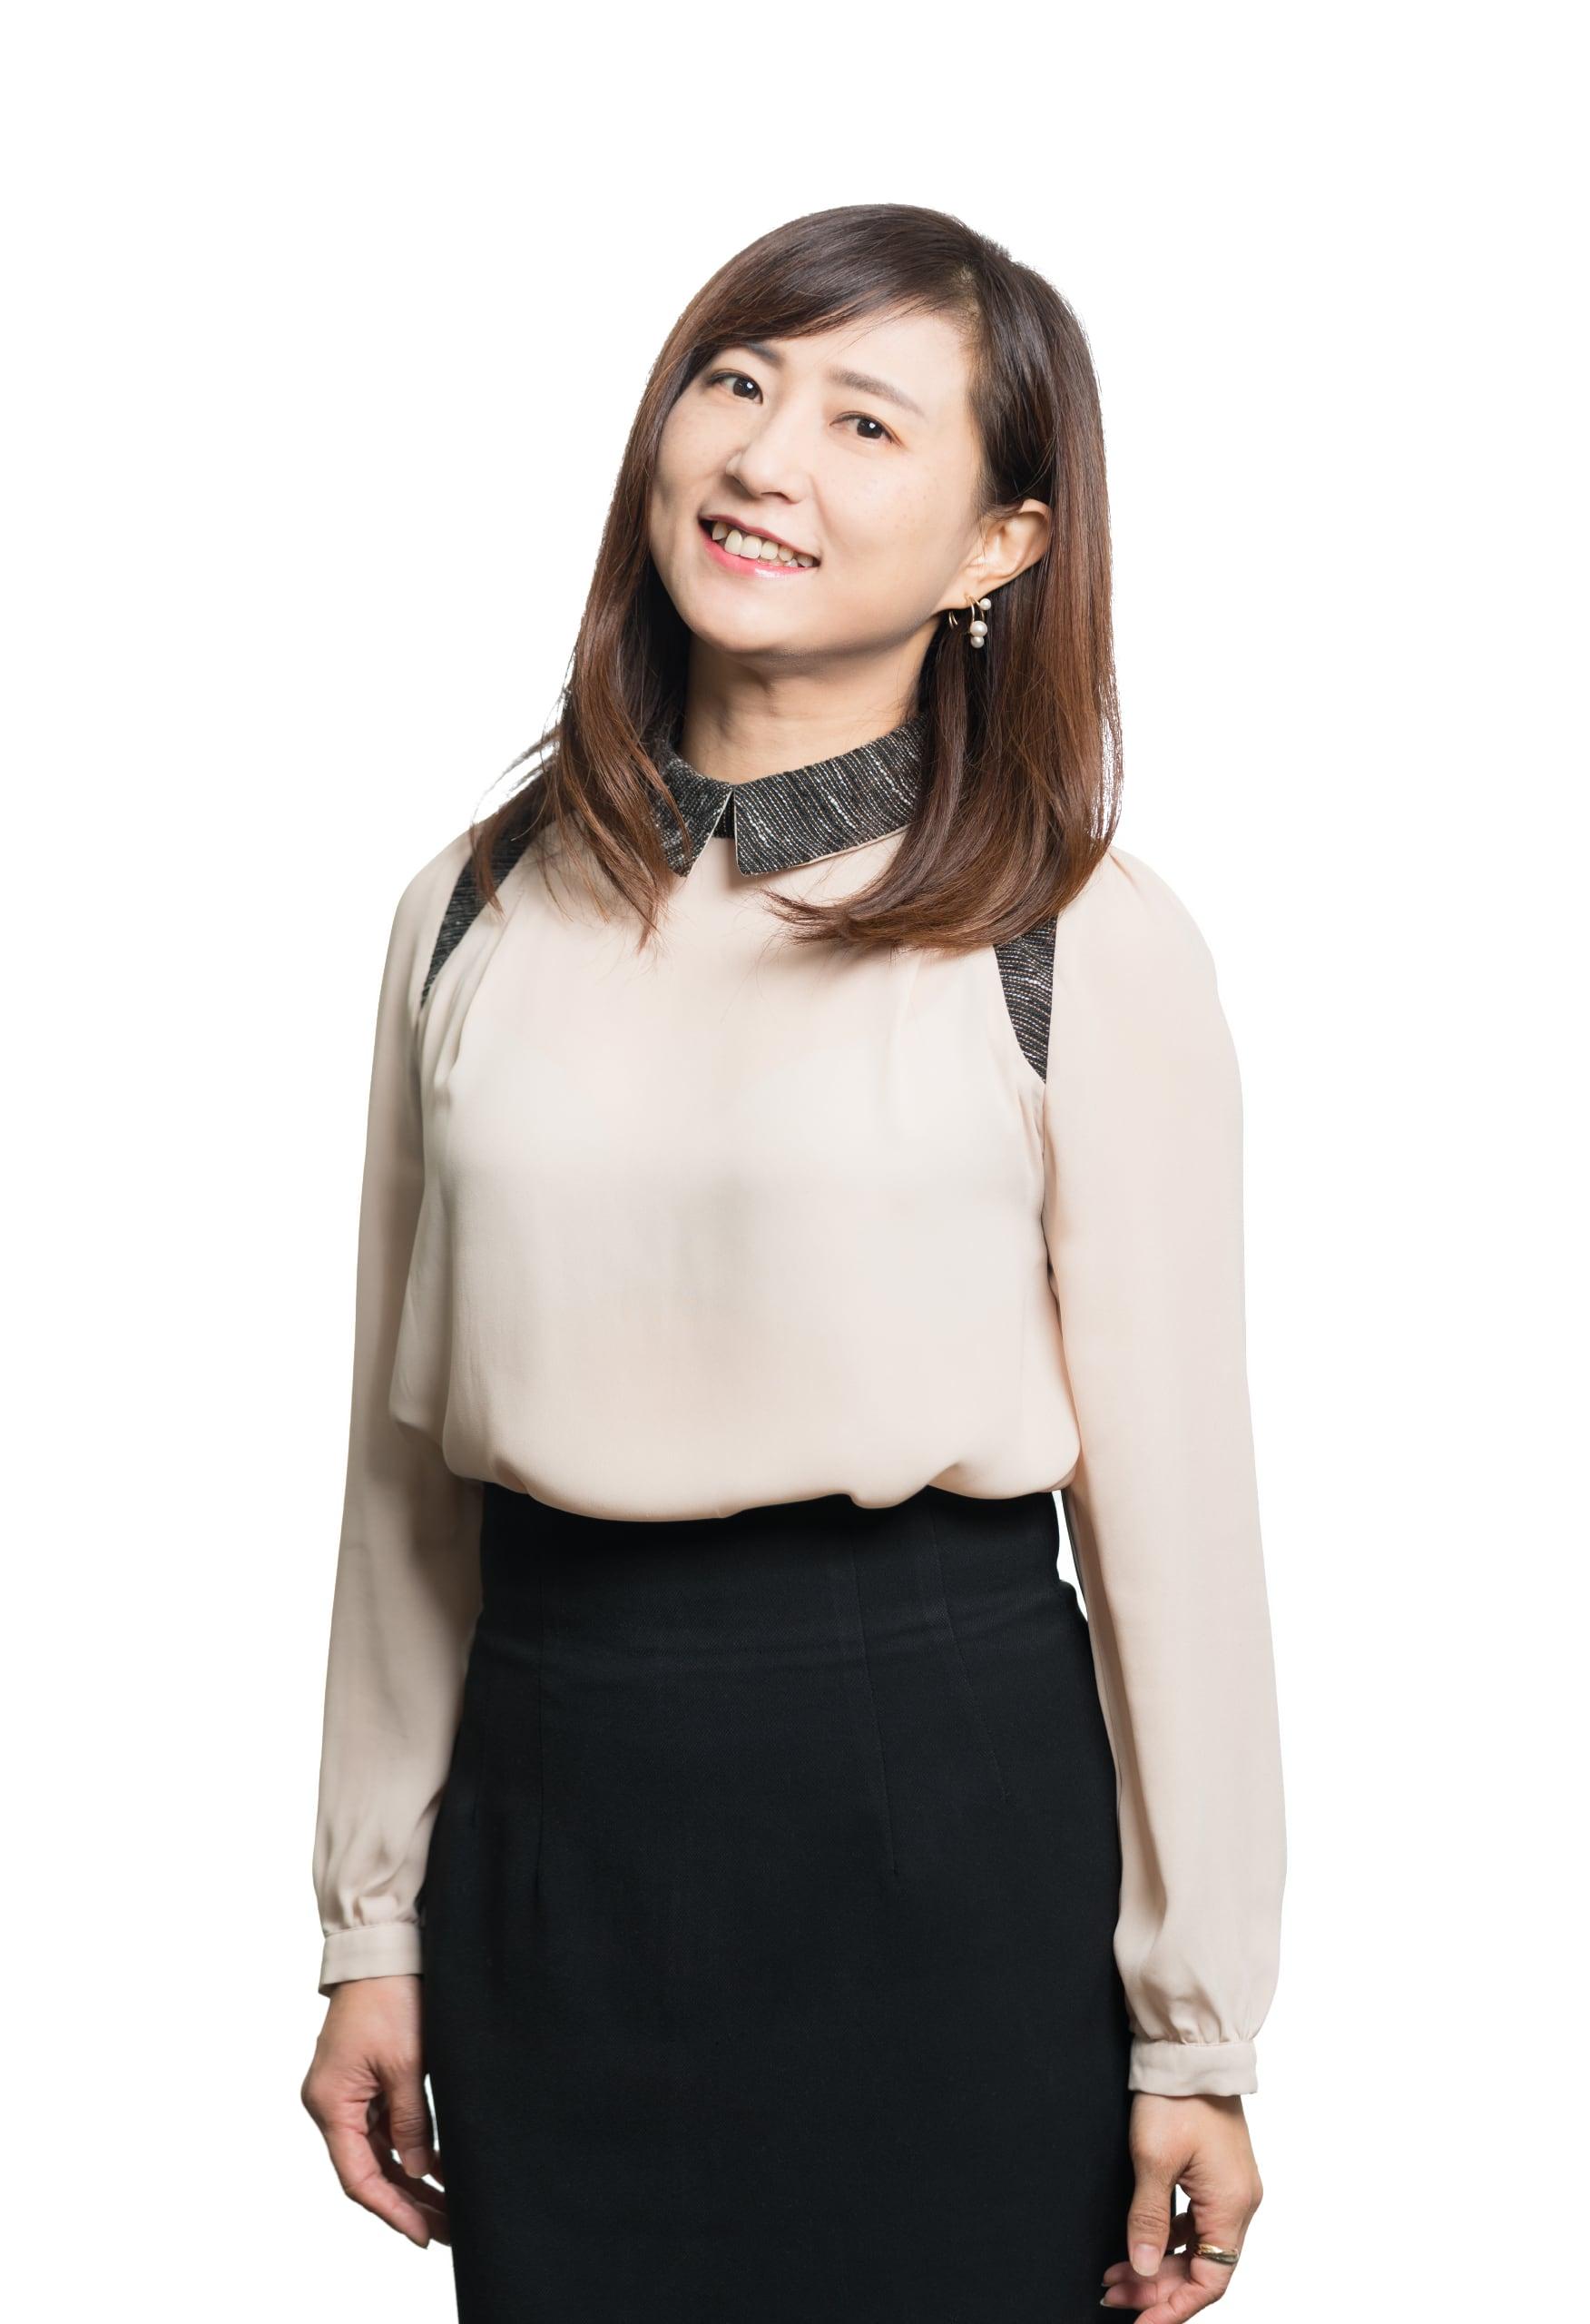 Laila Cheng